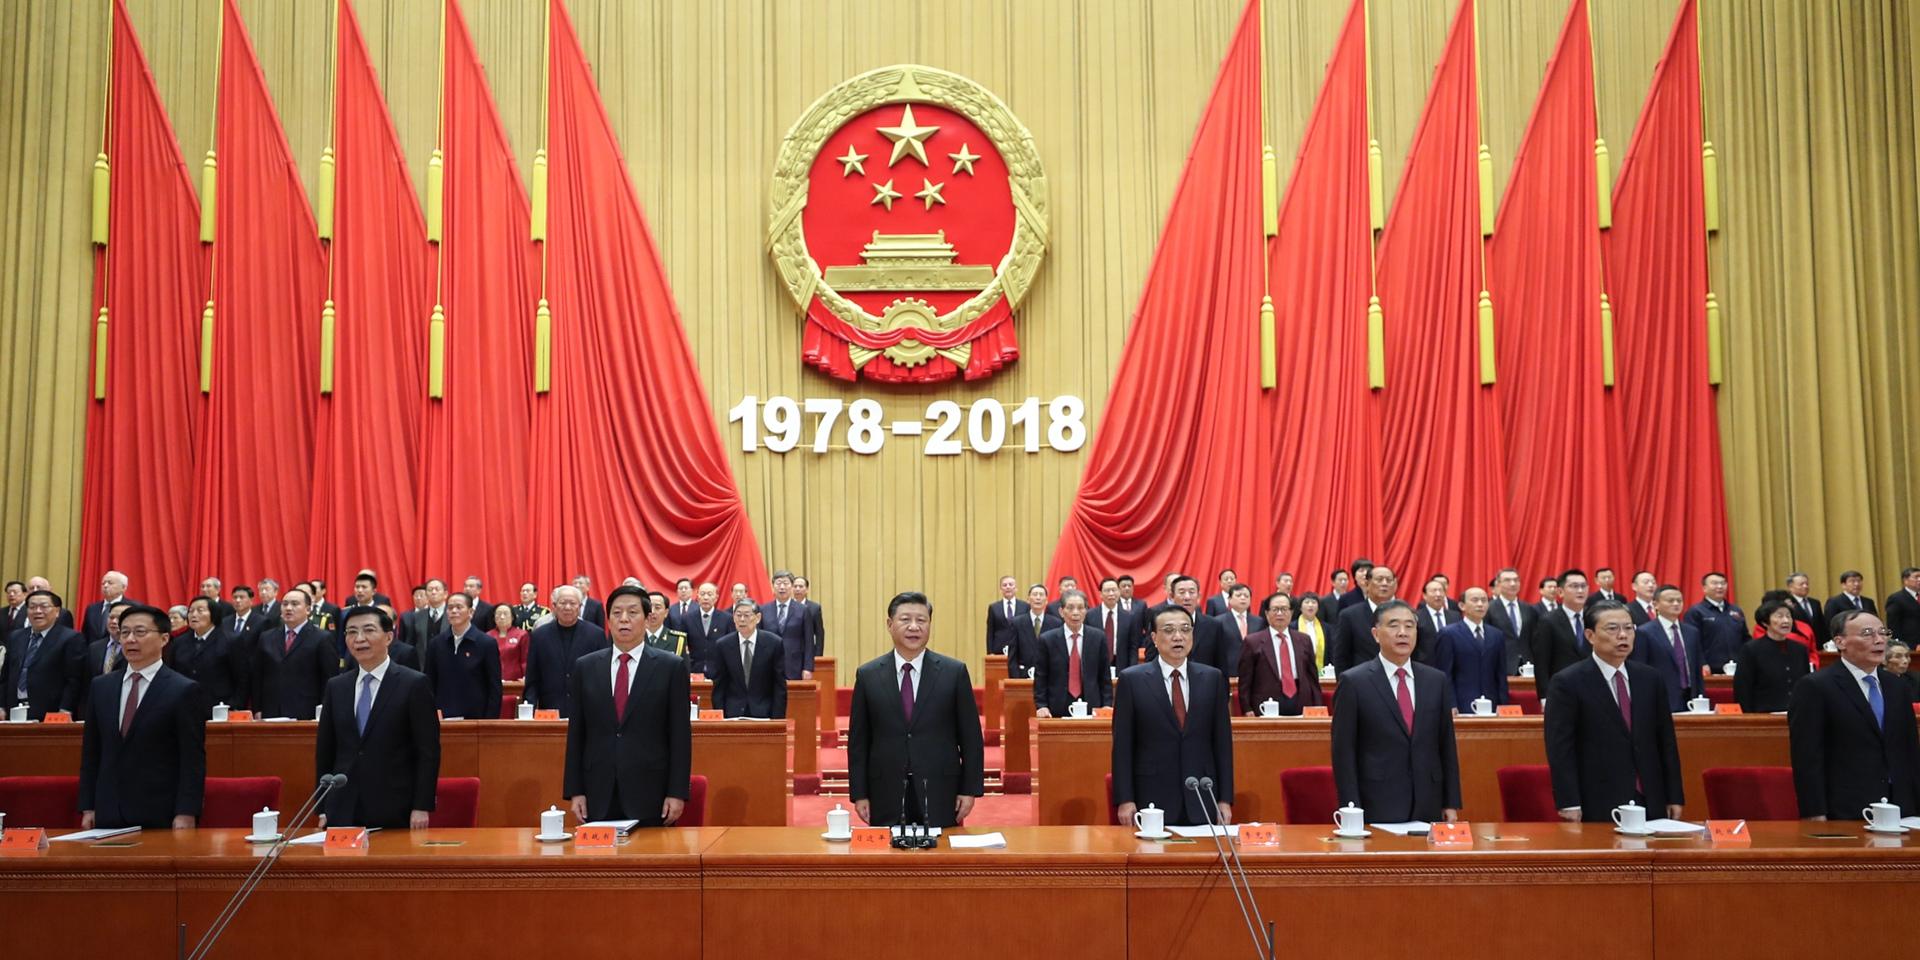 在新时代创造中华民族新的更大奇迹!